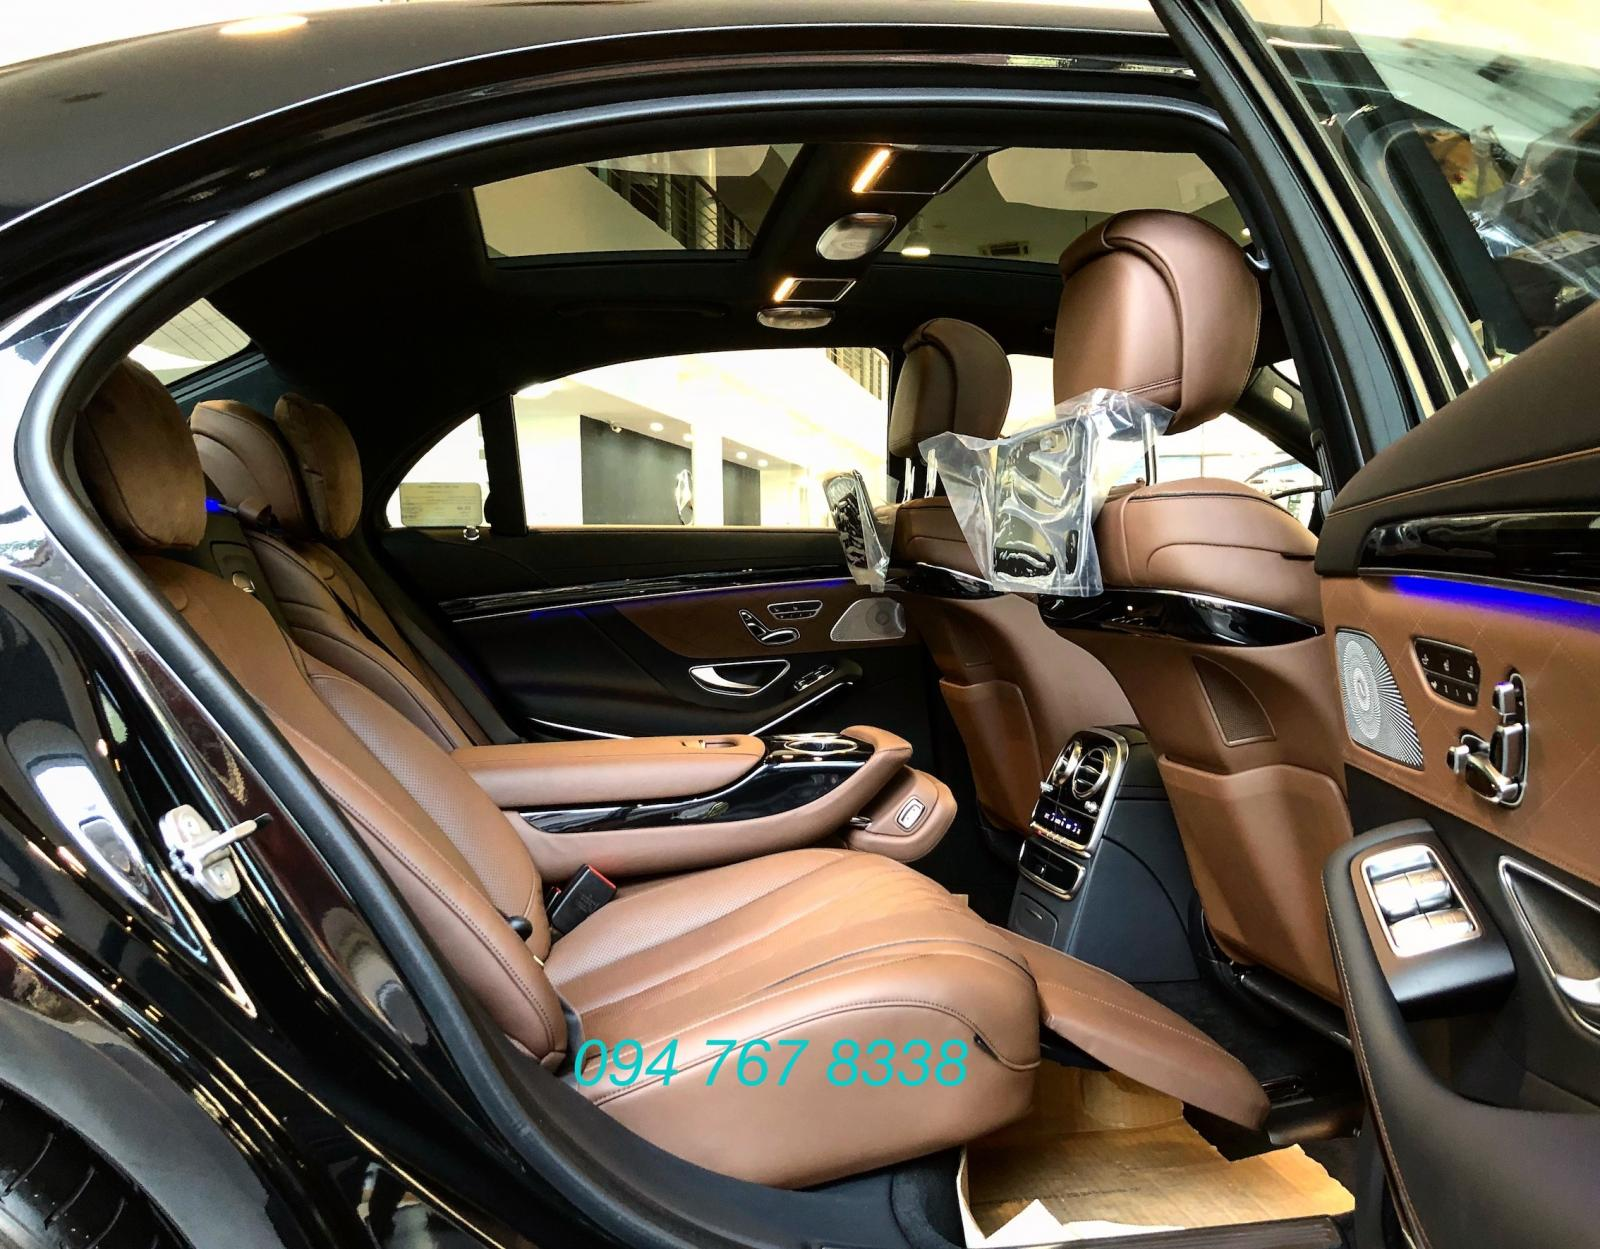 Cần bán xe Mercedes S450 Luxury sản xuất 2020, màu đen